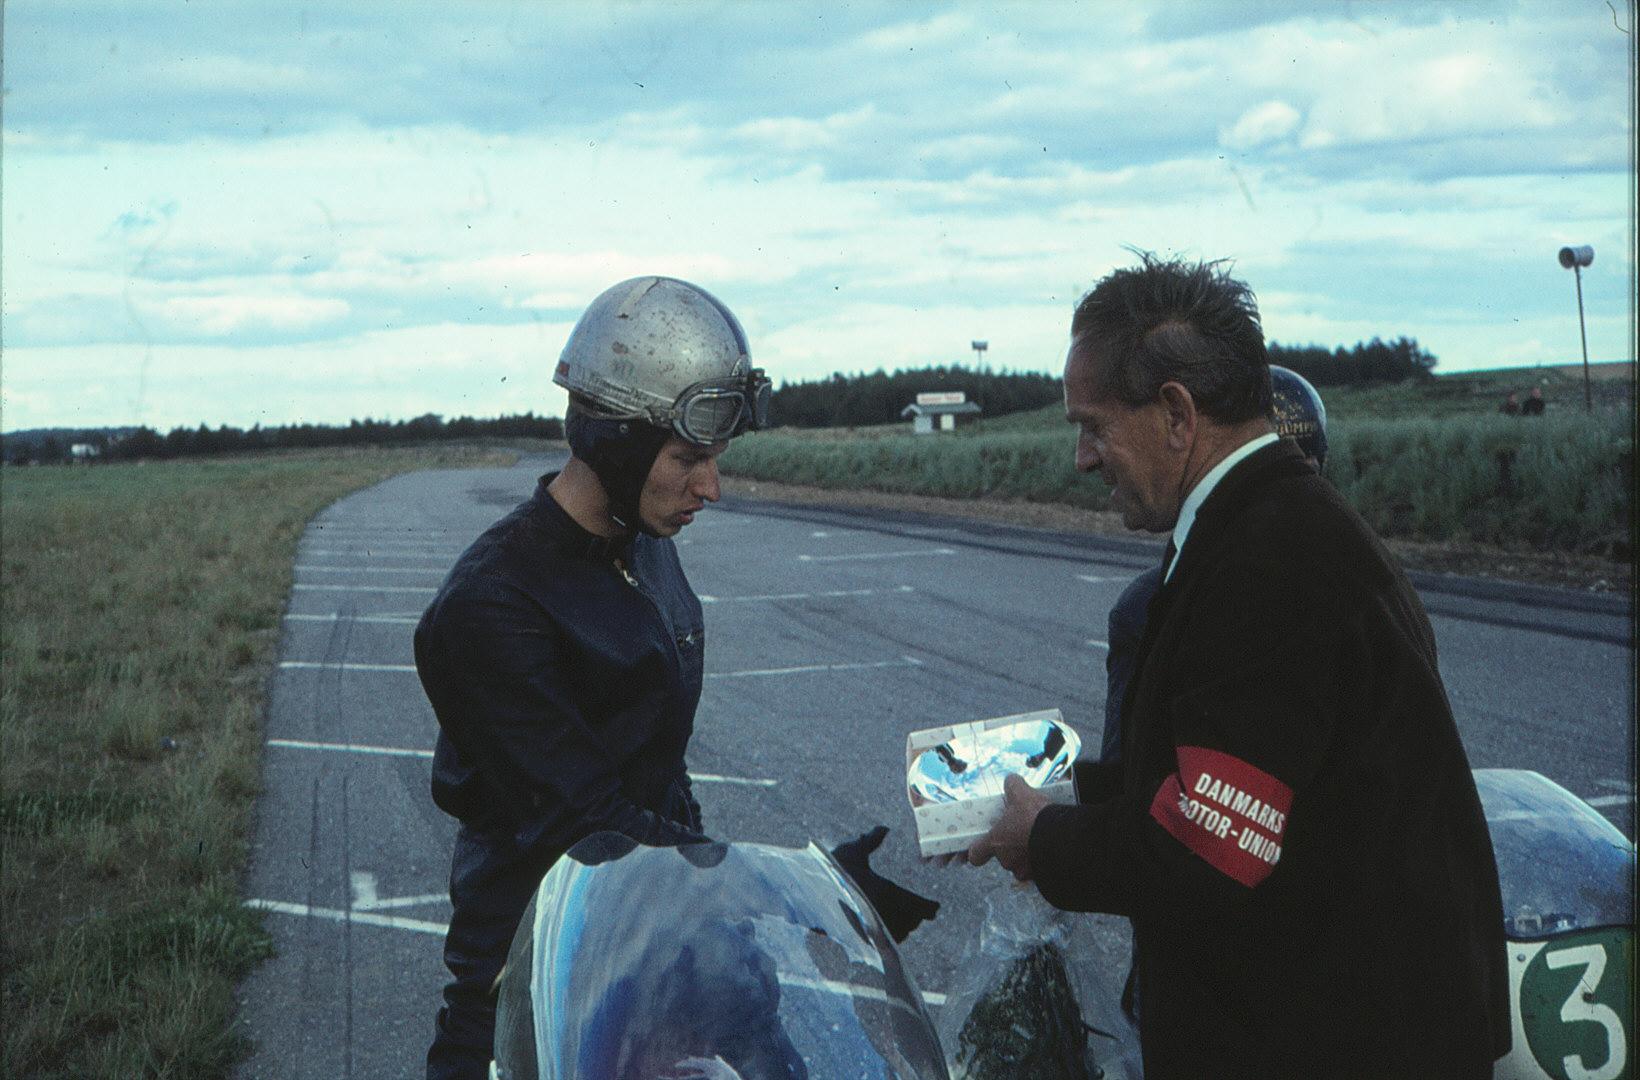 Börje Jansson får sin præmie for sejren i den såkaldt int. 250cc klasse, der dog udelukkende bestod af 16 svenskere foruden de bedste kørere fra DM